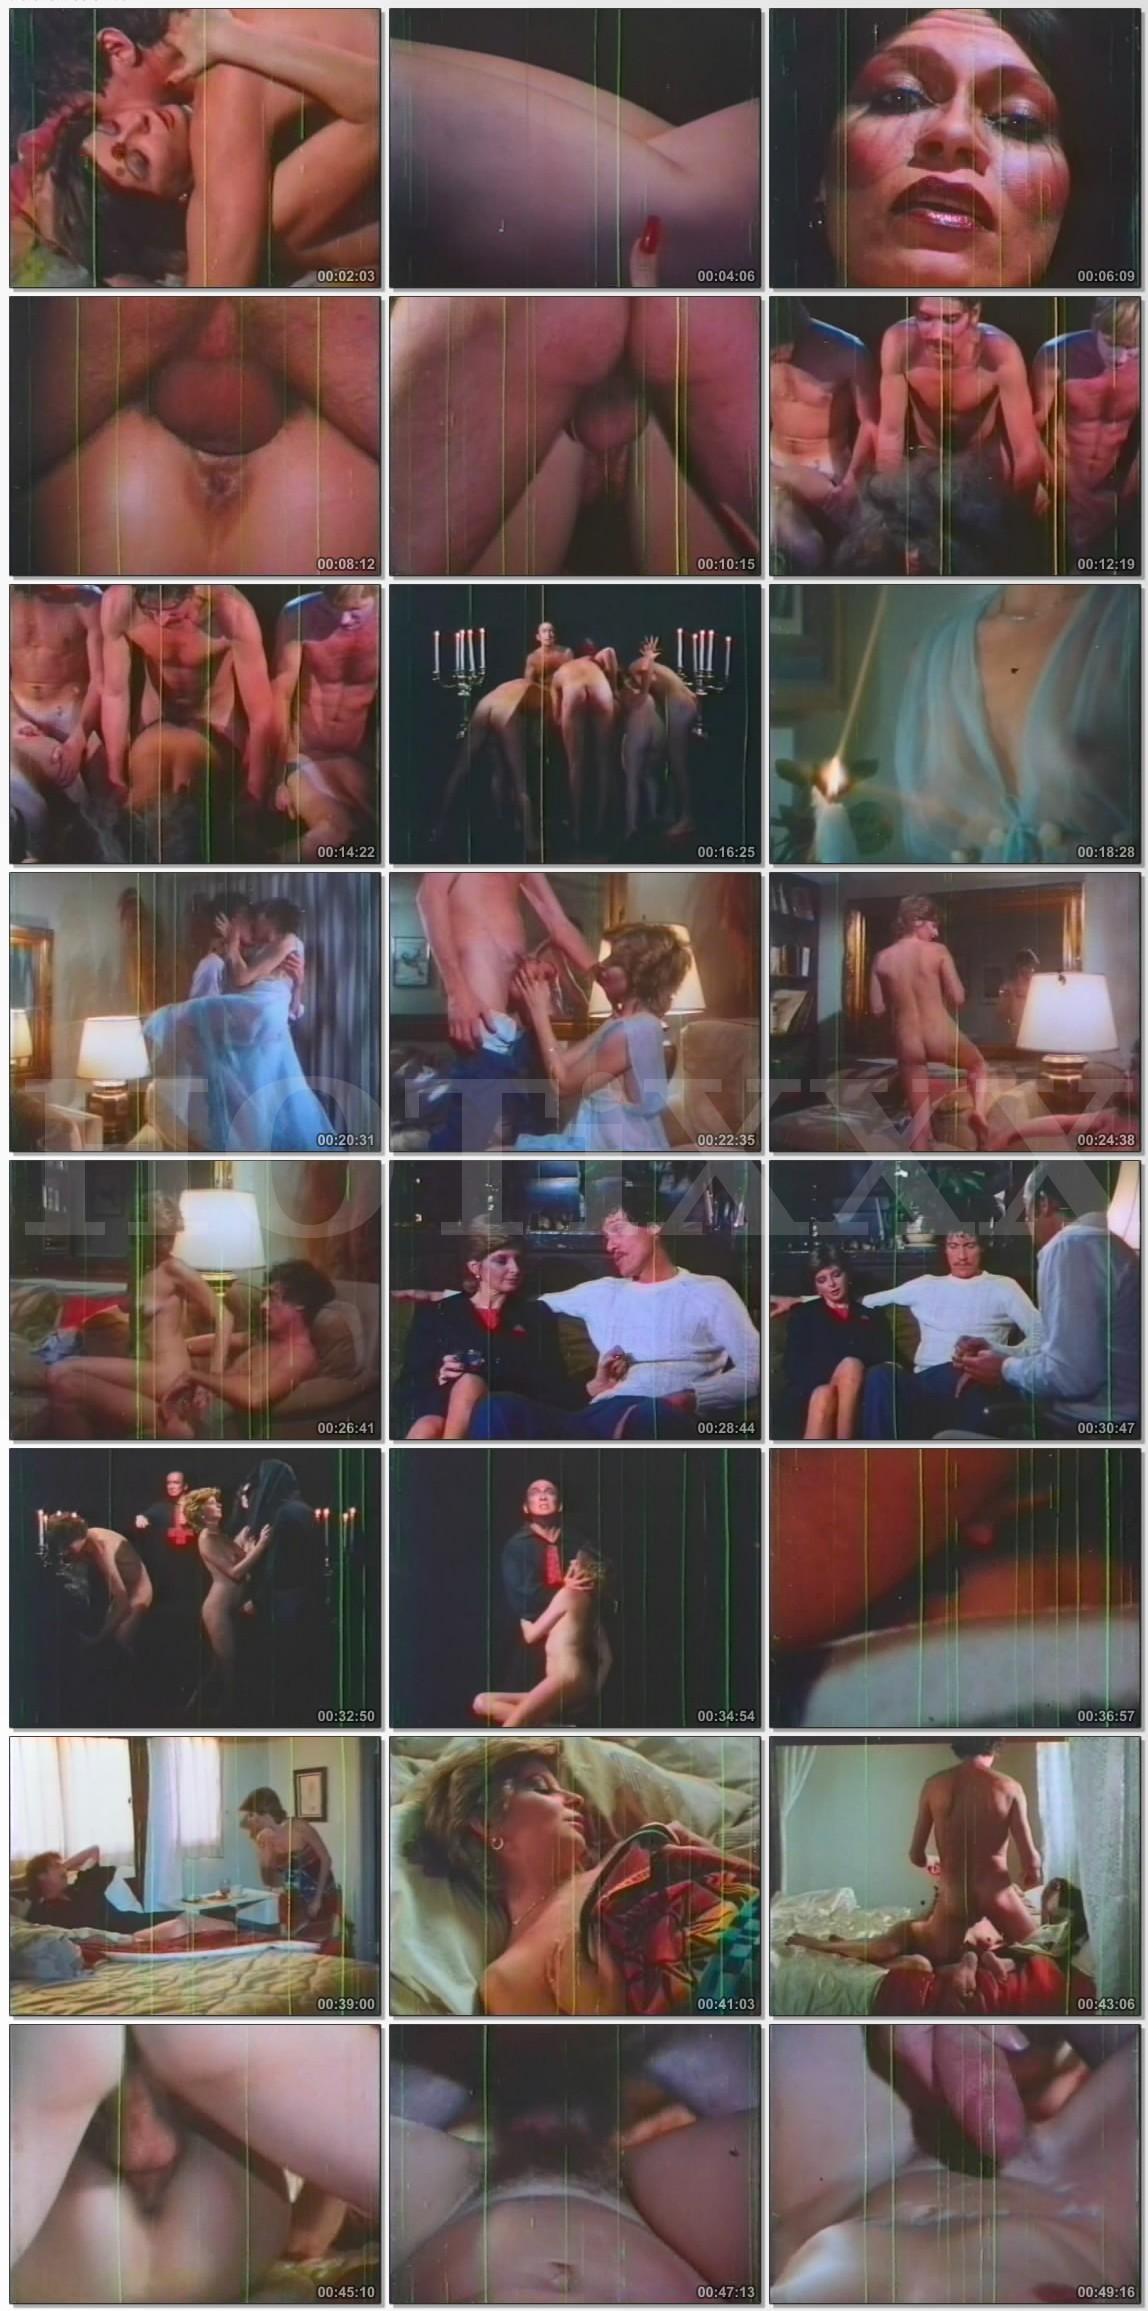 italyanskie-hudozhestvennie-porno-filmi-smotret